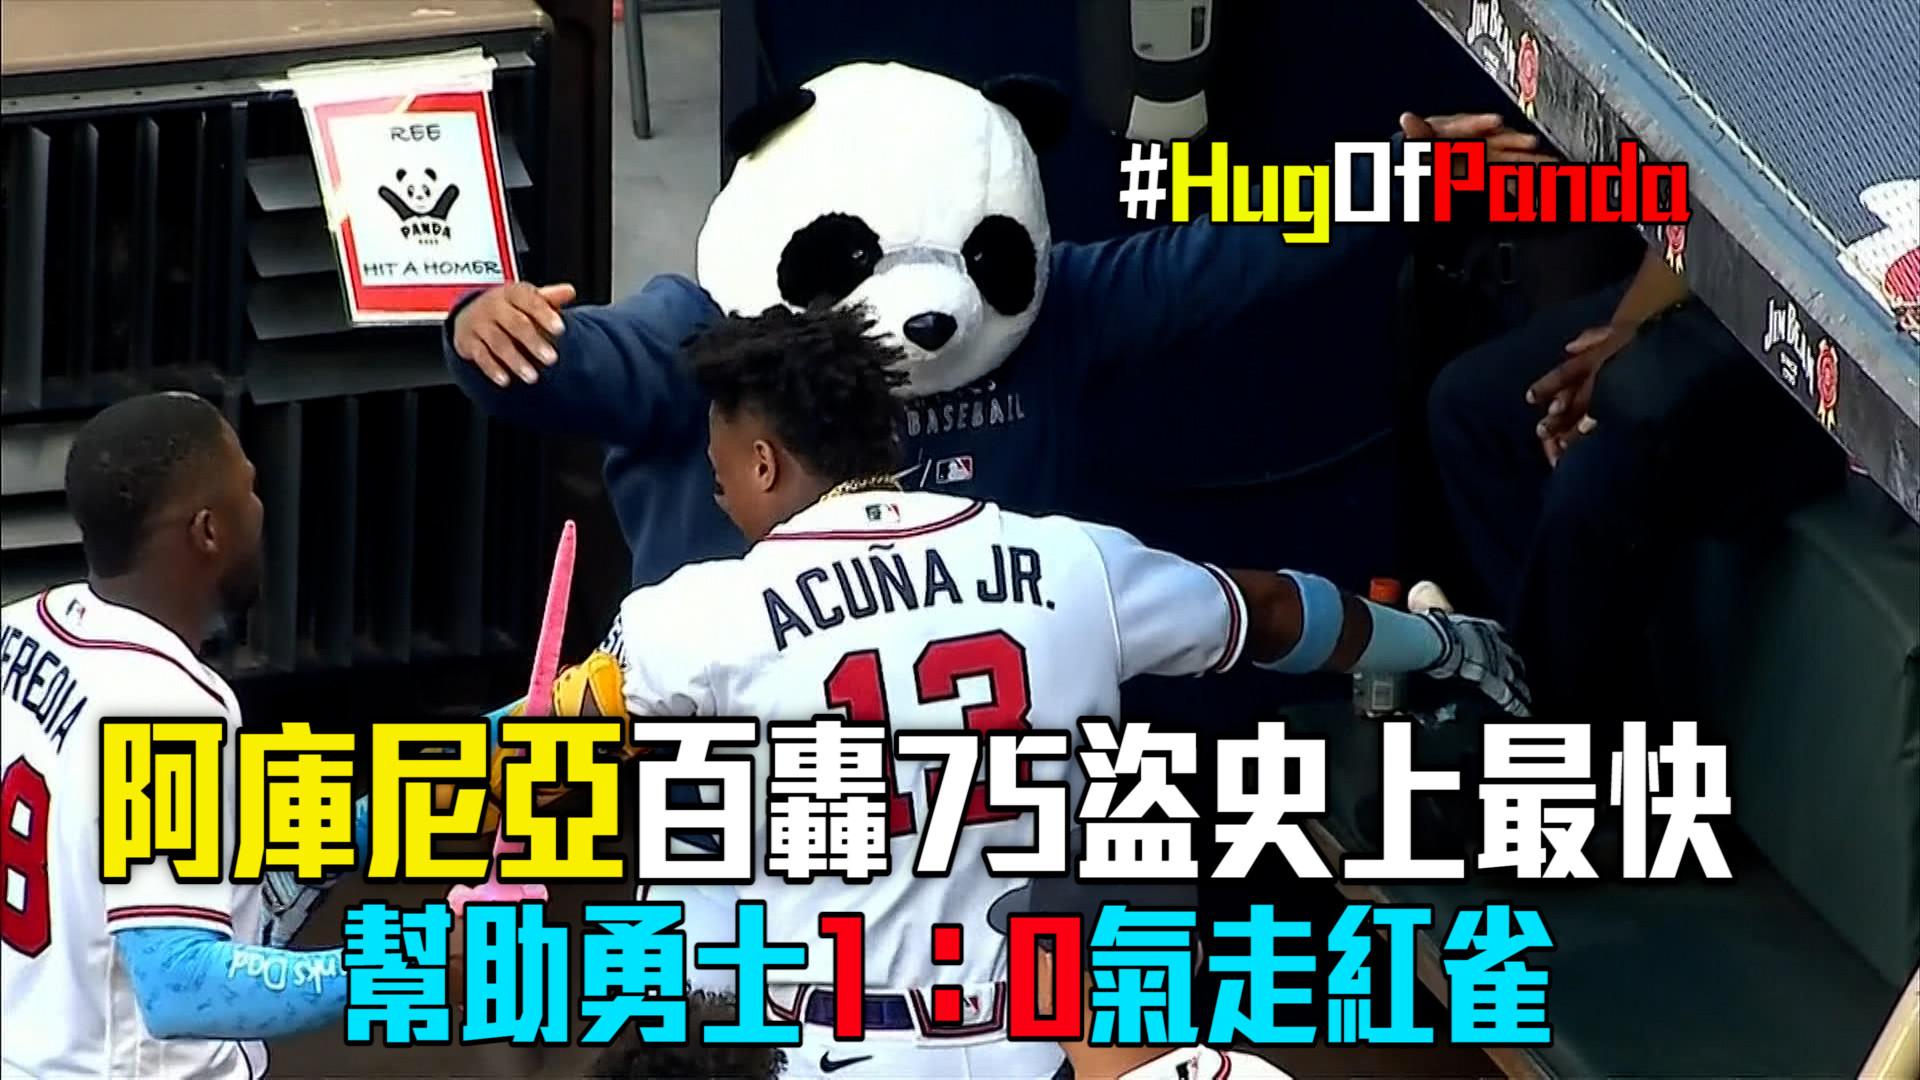 【MLB看愛爾達】阿庫尼亞一棒定江山 勇士1:0氣走紅雀 06/21